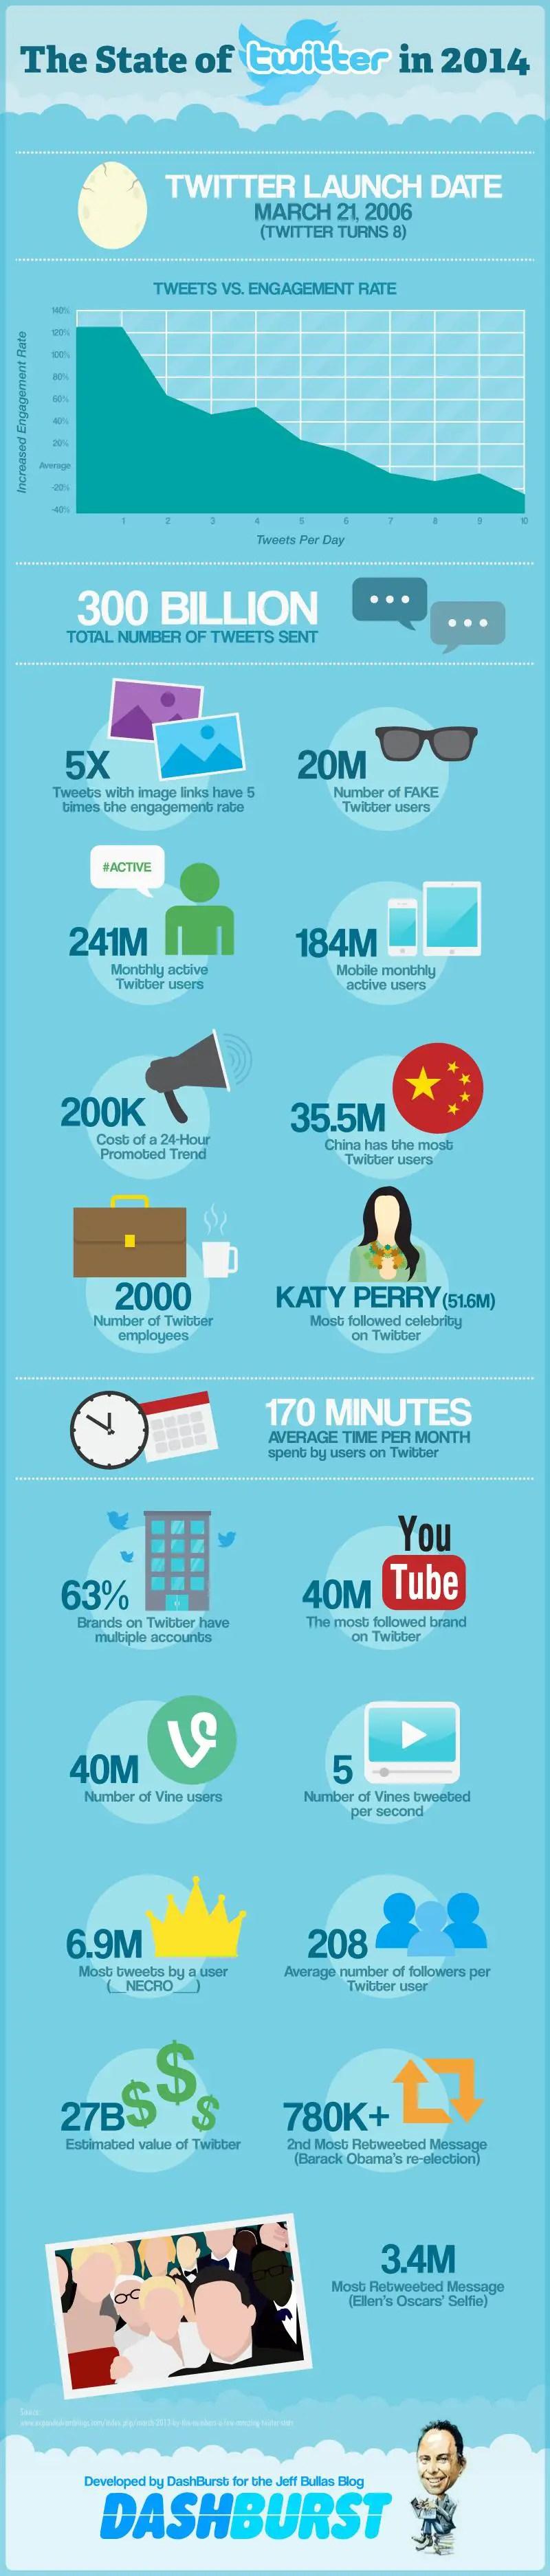 wersm_infographic_twitter_2014